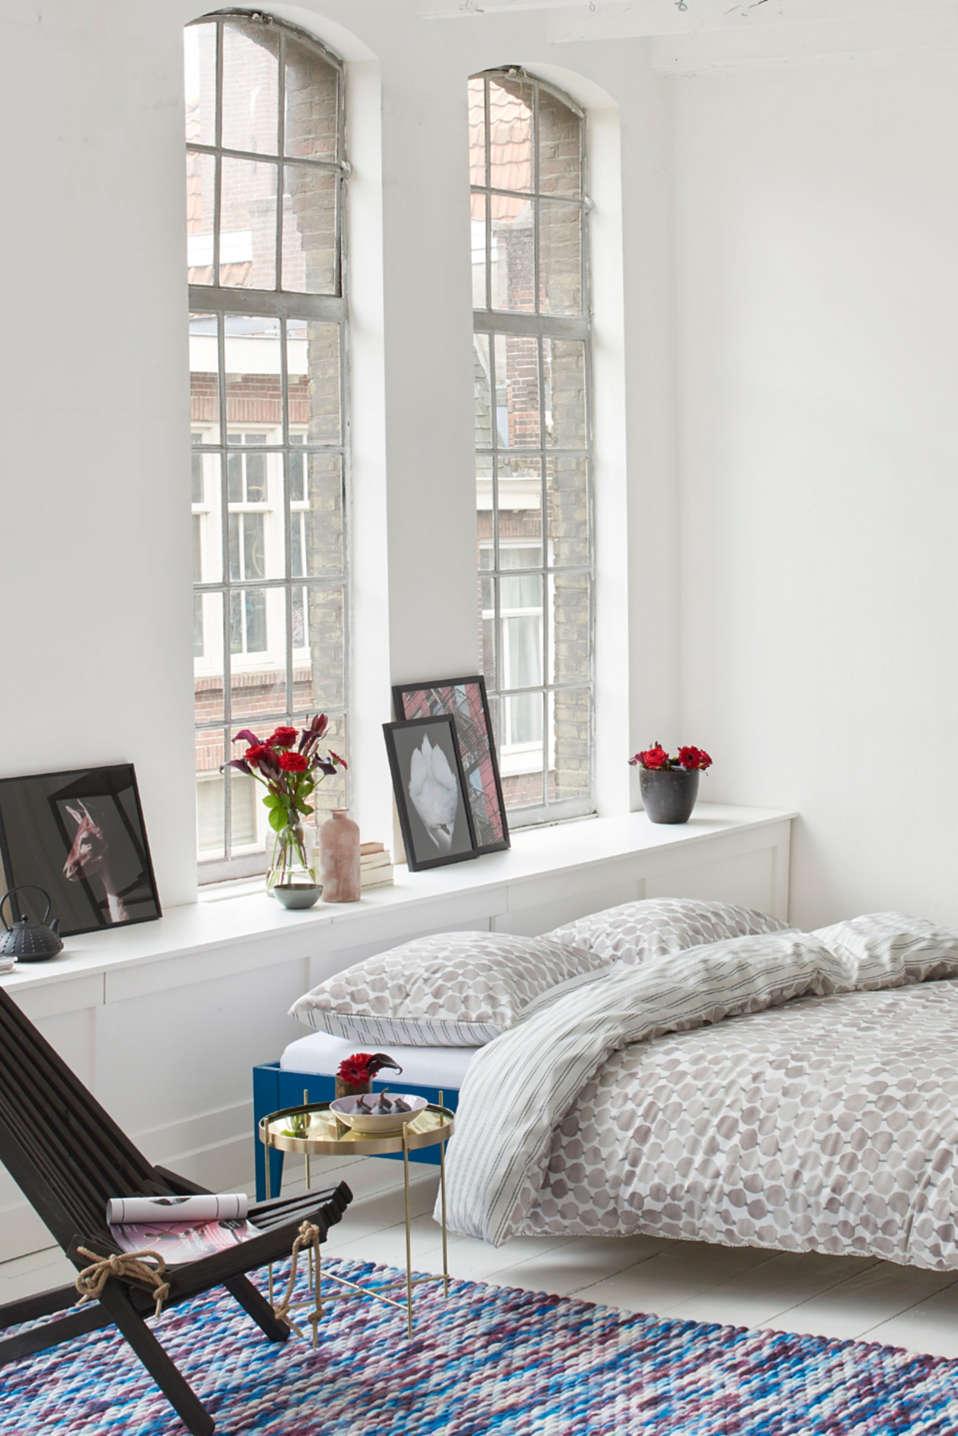 amerikanische bettw sche sets ko test bettdecken allergiker lattenroste lippstadt begehbare. Black Bedroom Furniture Sets. Home Design Ideas